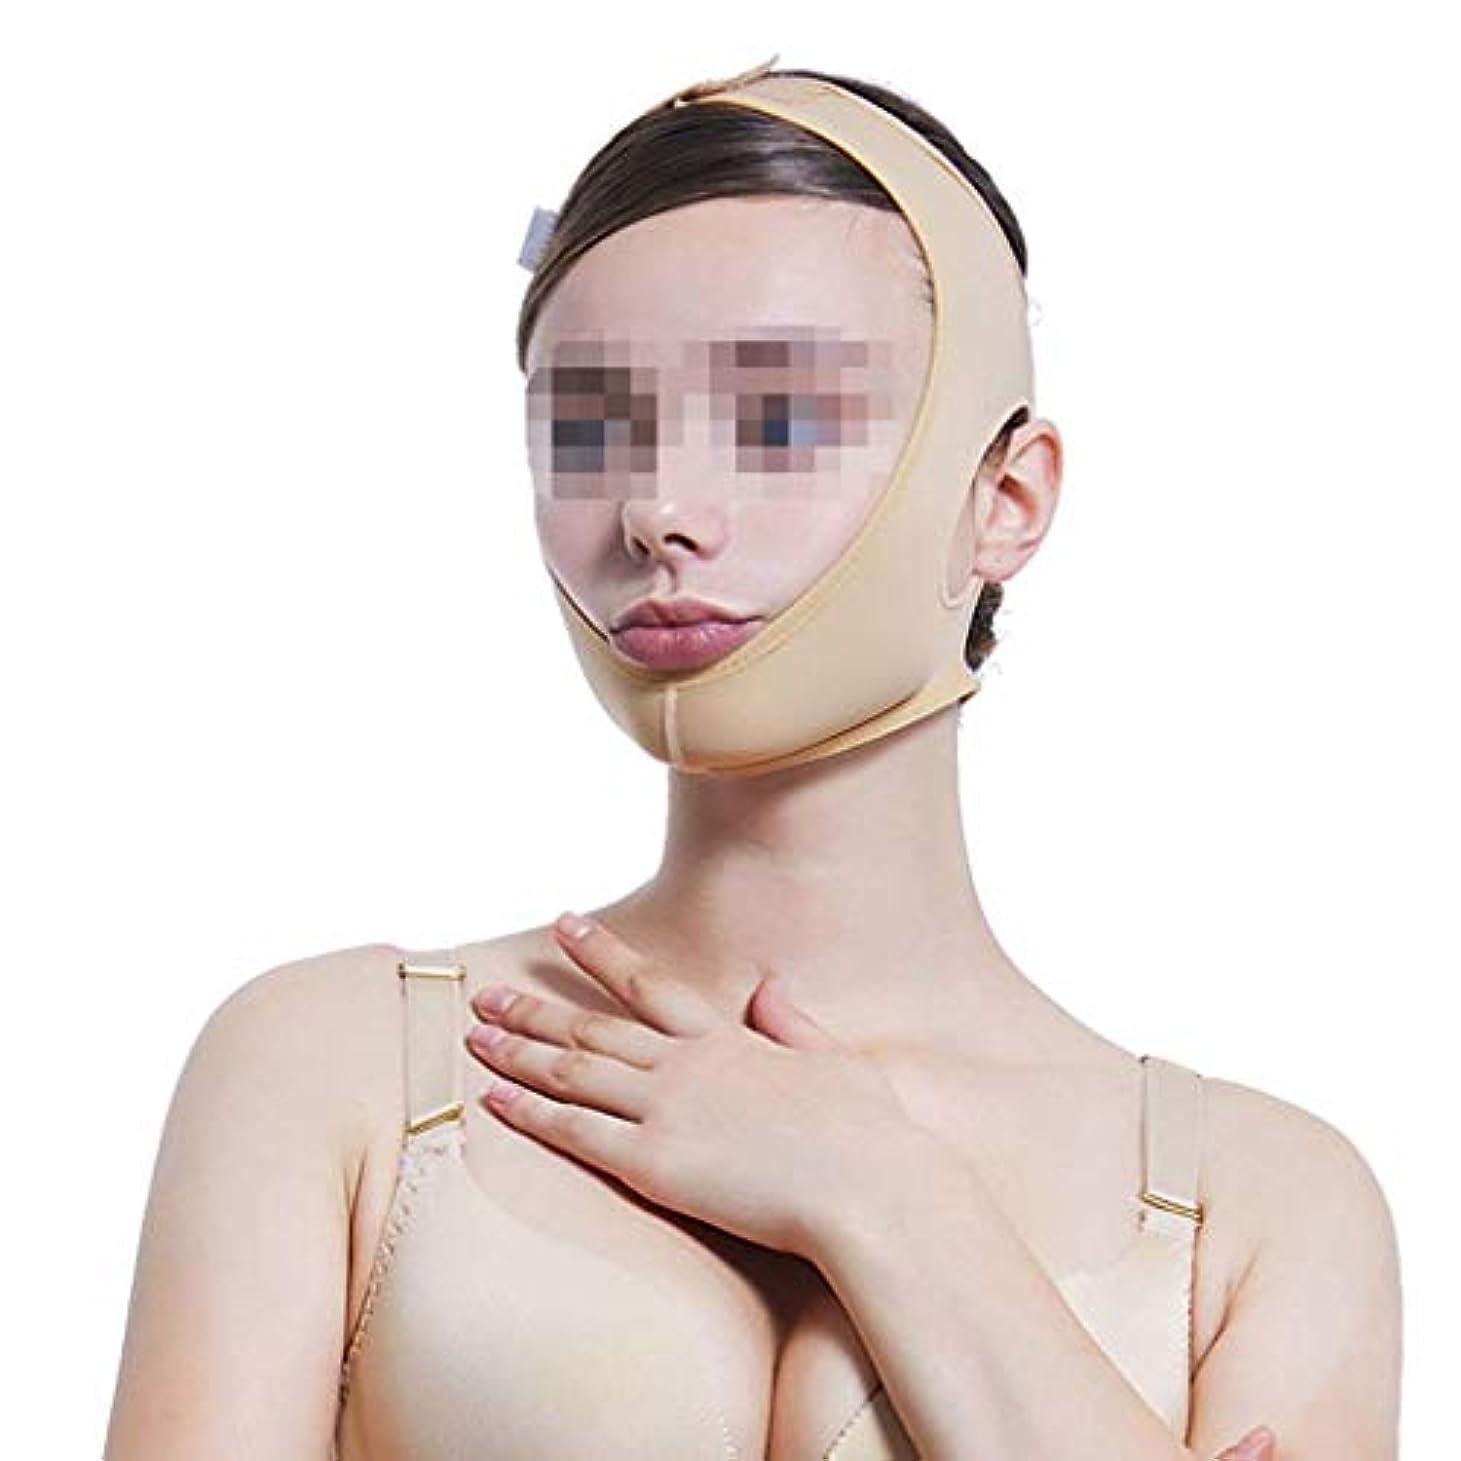 トン真夜中泣くビームフェイス弾性ヘッドギア、ダブルあごのあごのセットをマスクの後に線彫り薄いフェイス包帯マルチサイズオプション(サイズ:XS),XS